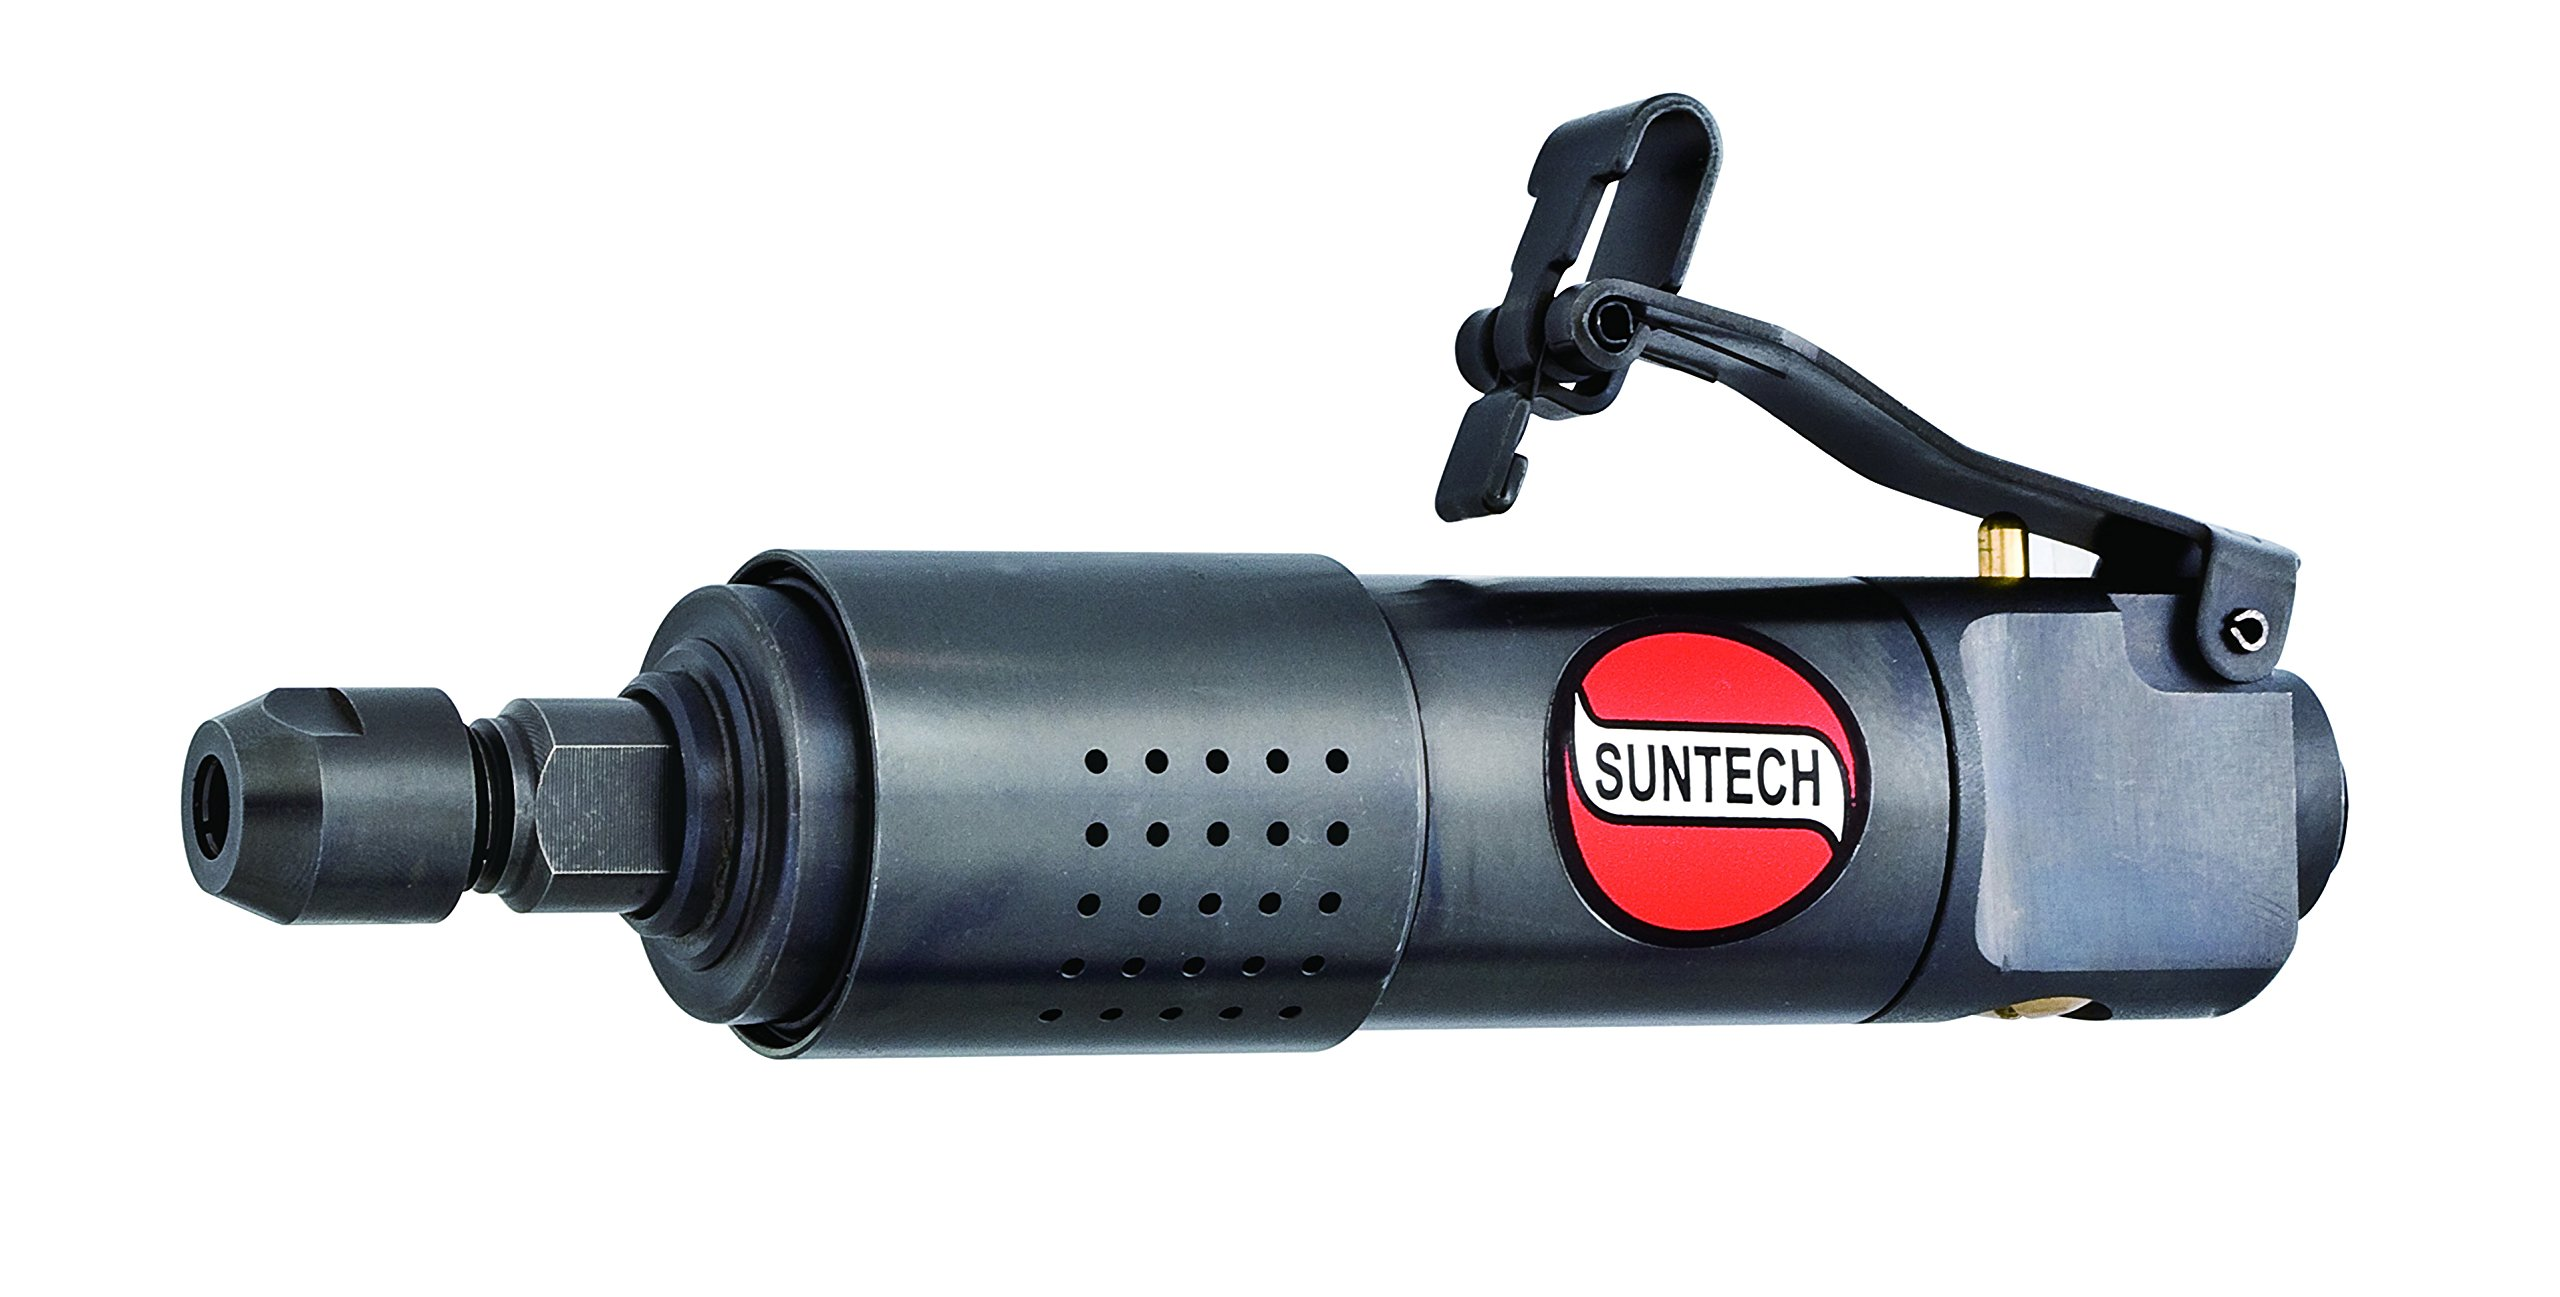 SUNTECH SM-53-5530 Industrial Die Grinder, Steel Motor Housing, 32,000RPM, 0.5HP